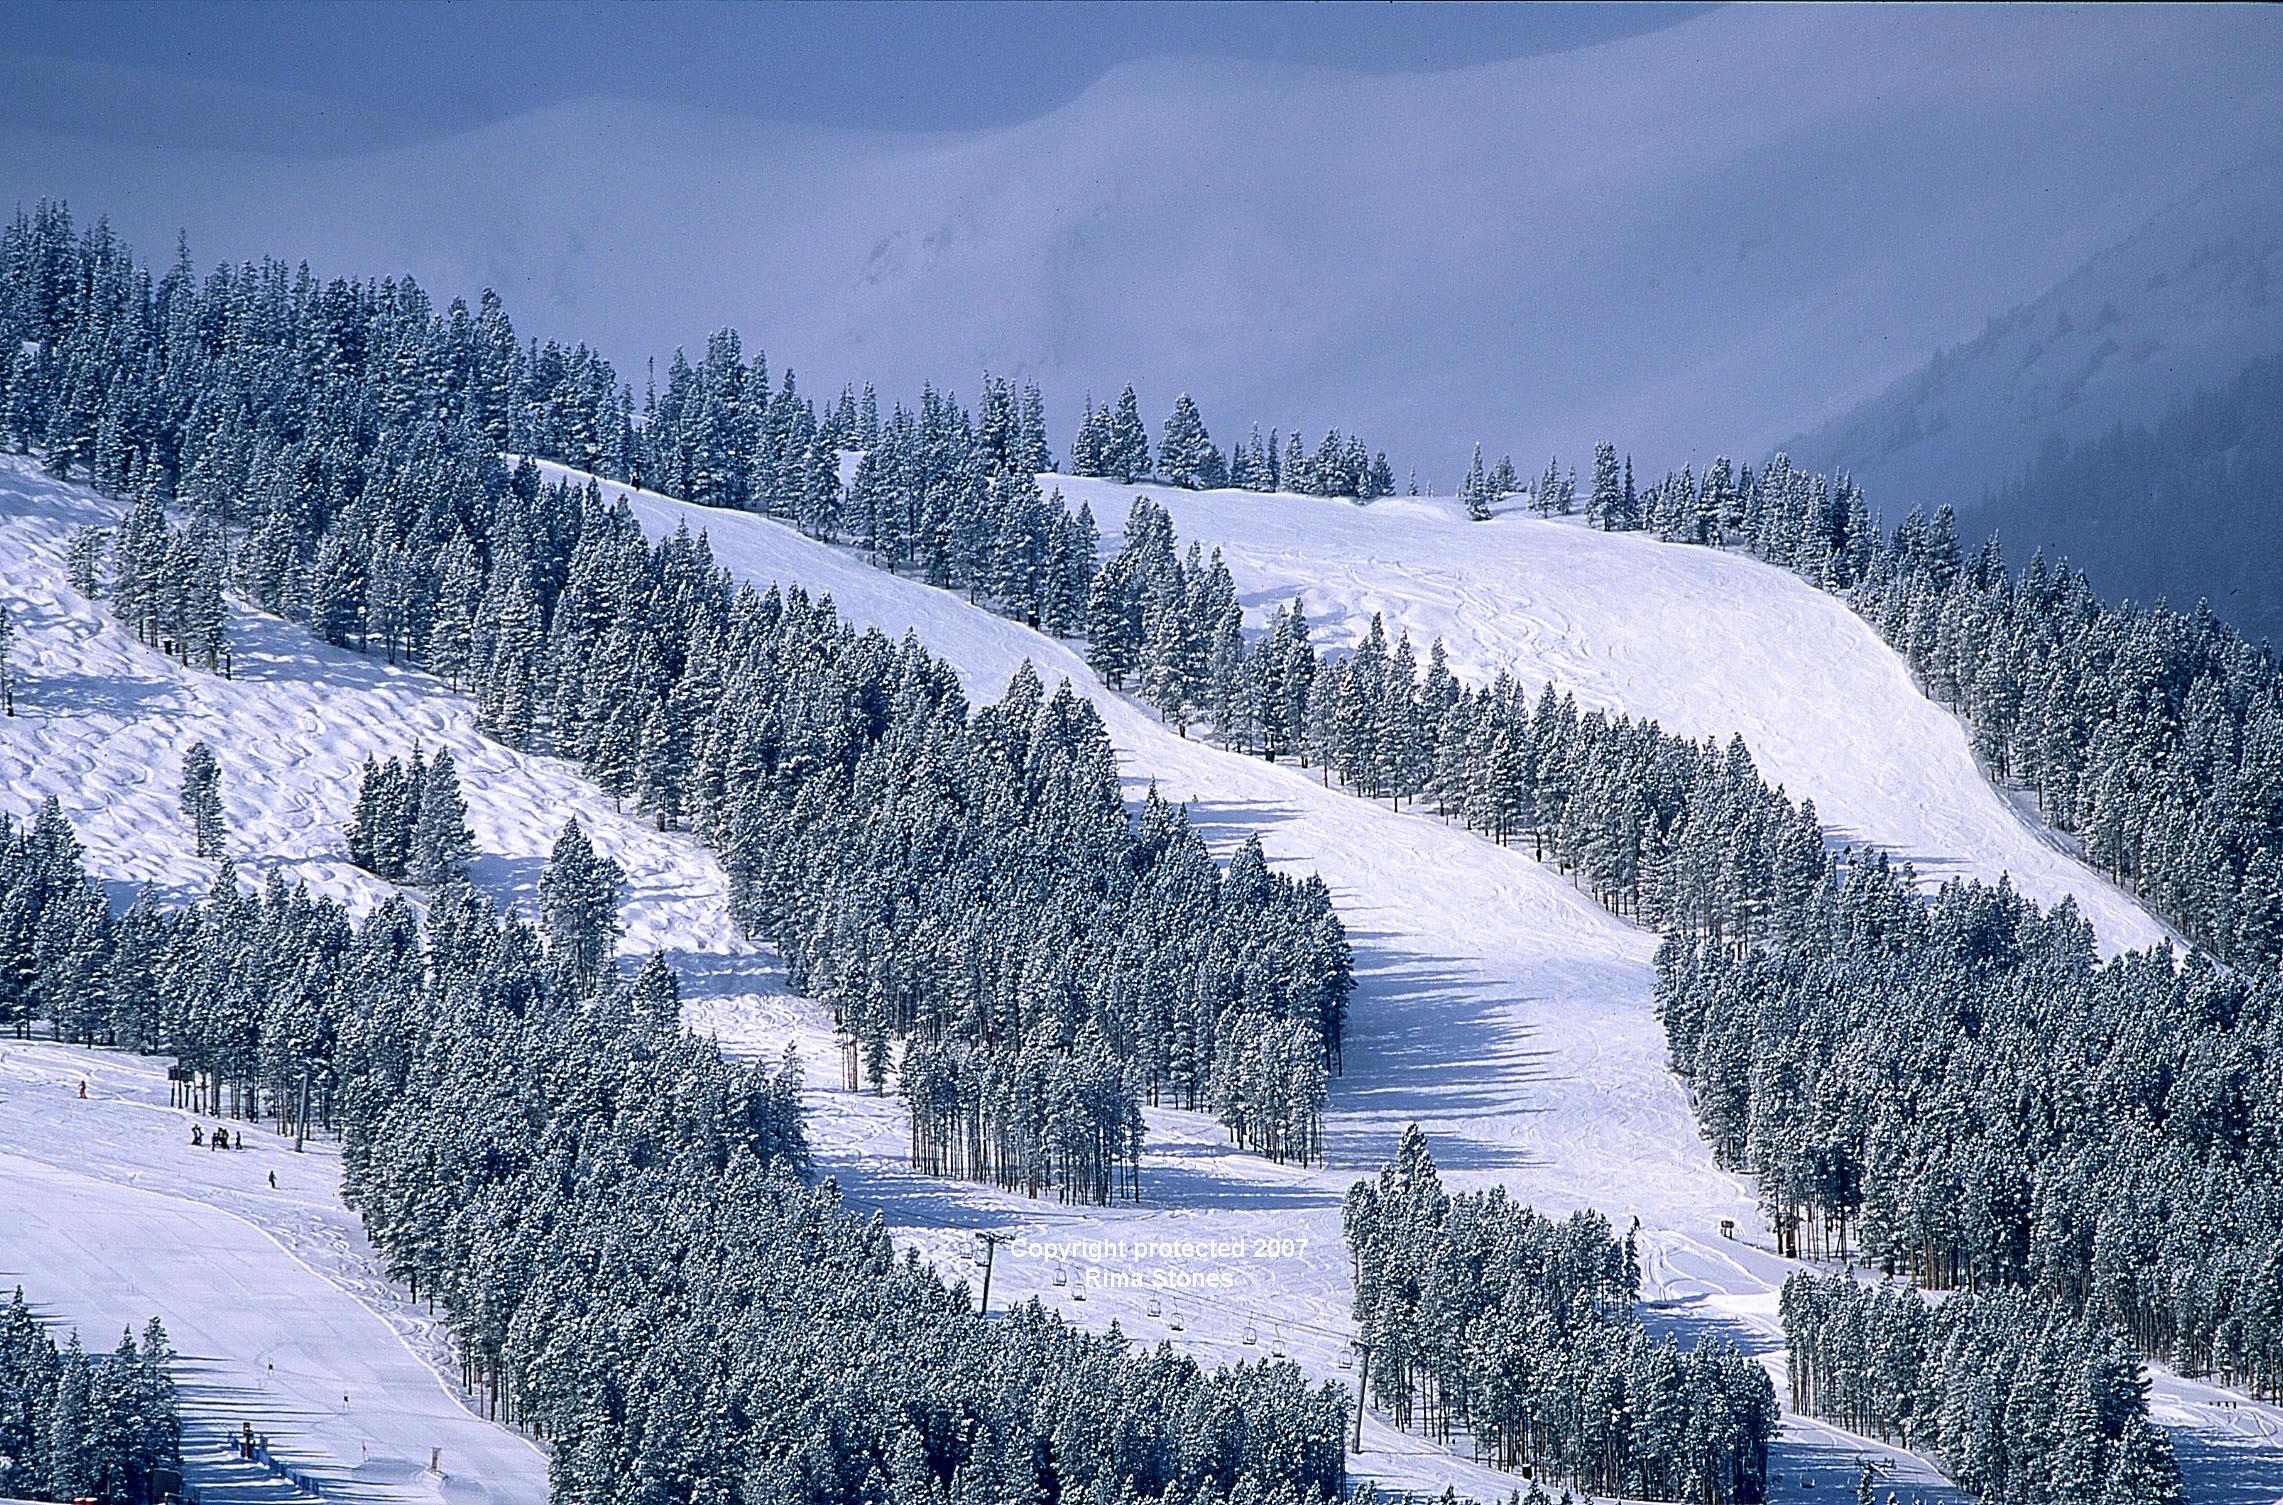 ski slopes photos keystone colorado breckenridge ski slopes photos 2283x1505